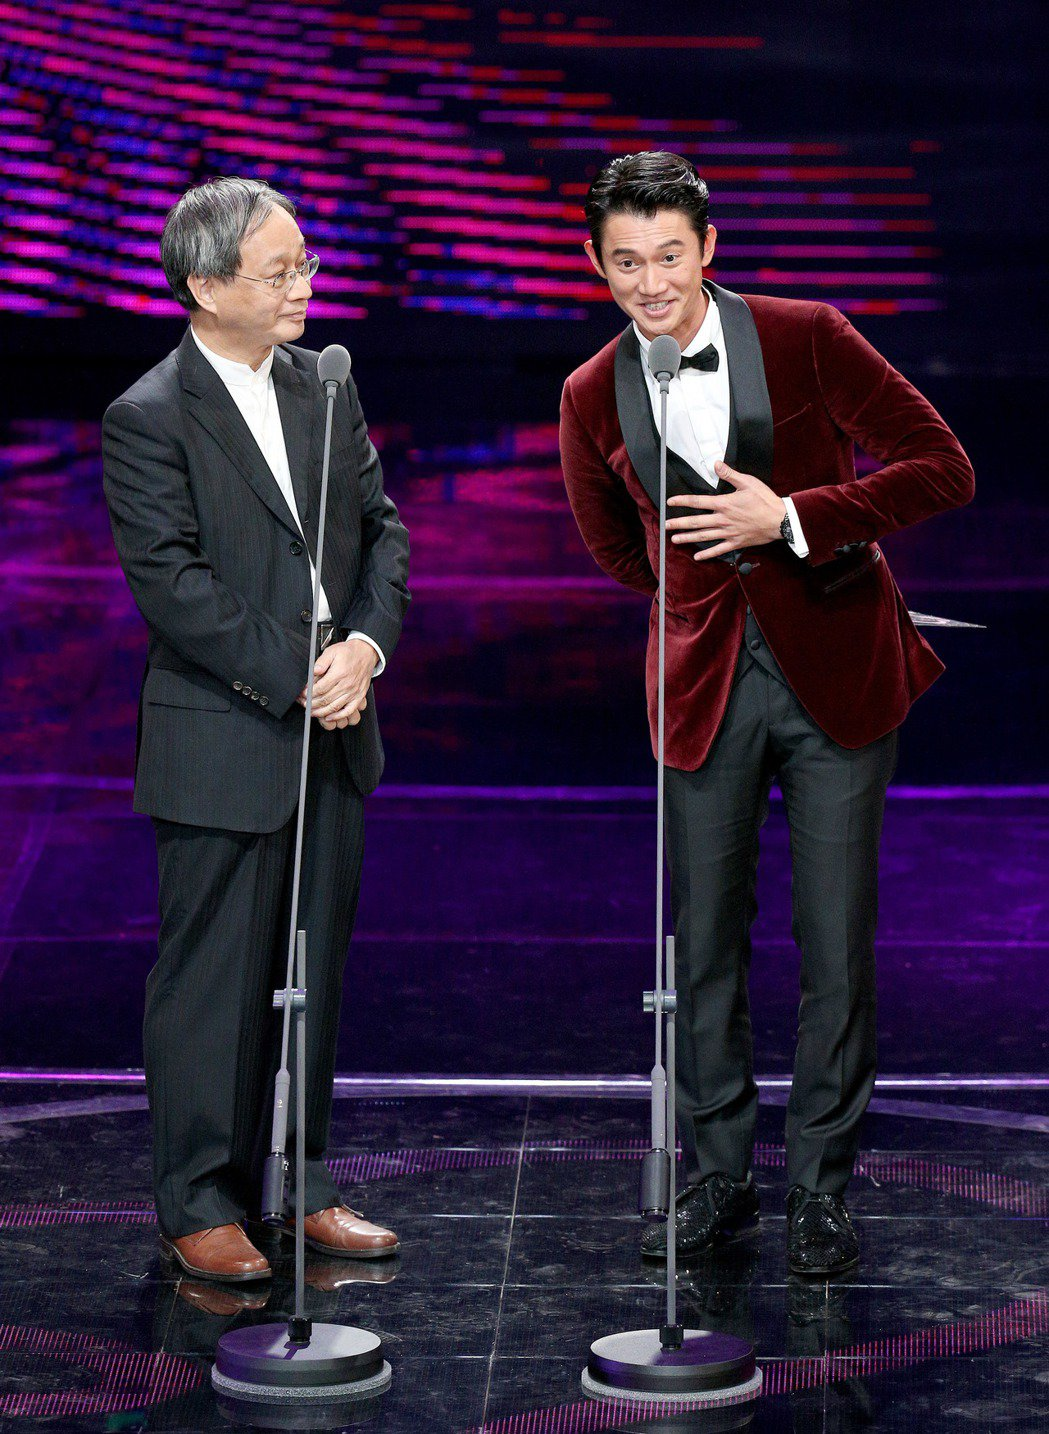 第52屆金鐘獎頒獎典禮在國父紀念館舉行,小野(左)與吳慷仁(右)搭檔頒獎。記者林...